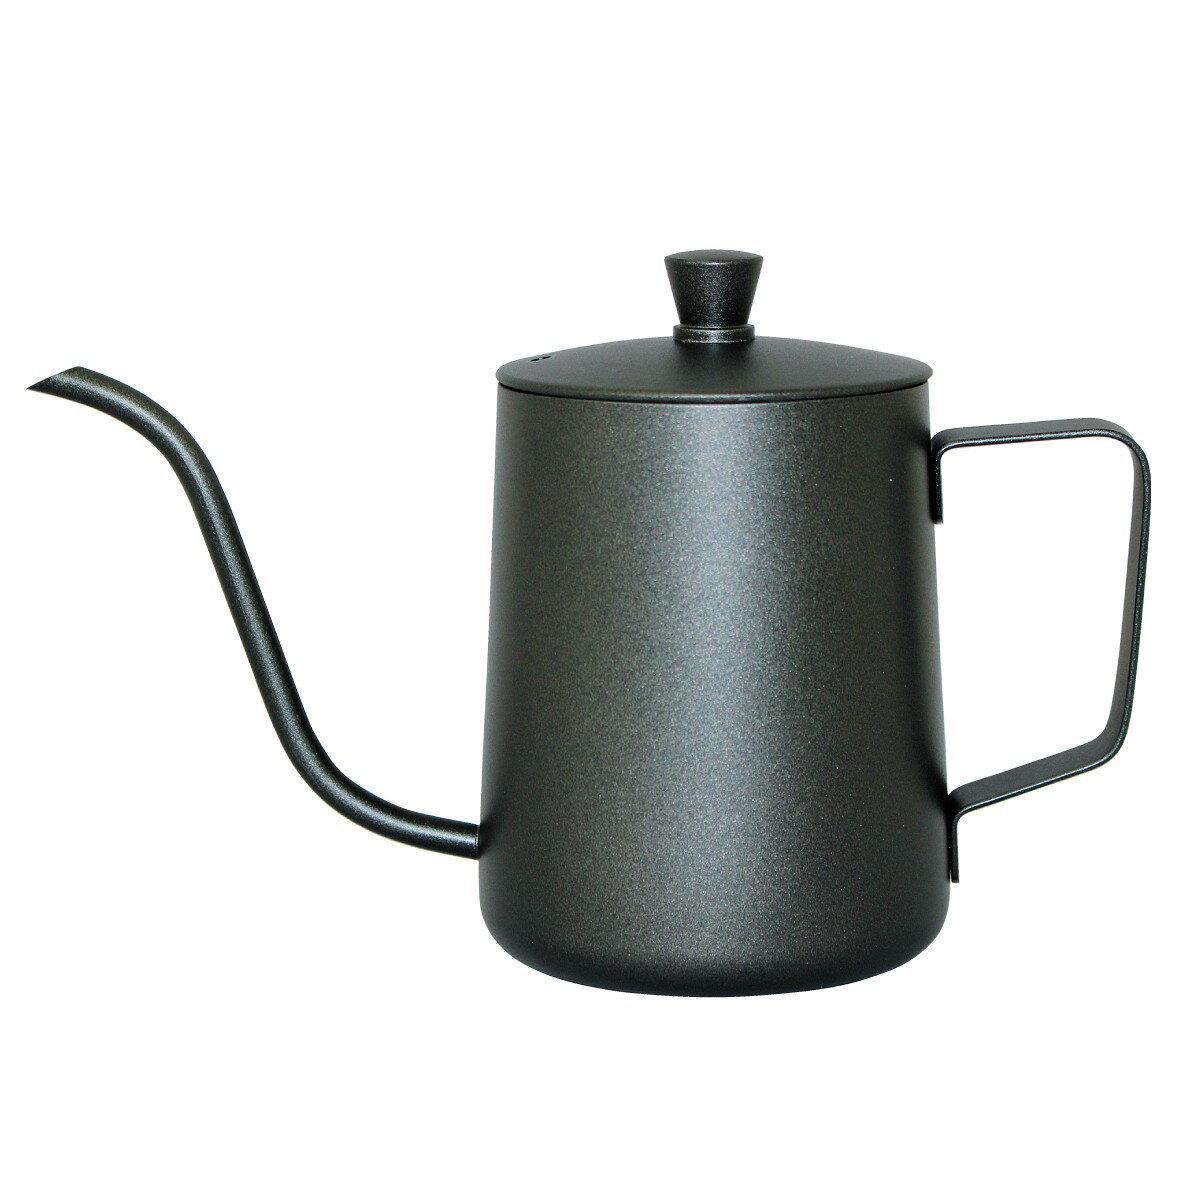 コーヒーポット ドリップケトル ホームメイドカフェ ドリップポット 黒 51434 コーヒーグッズ特集 ギフト プレゼント 贈り物